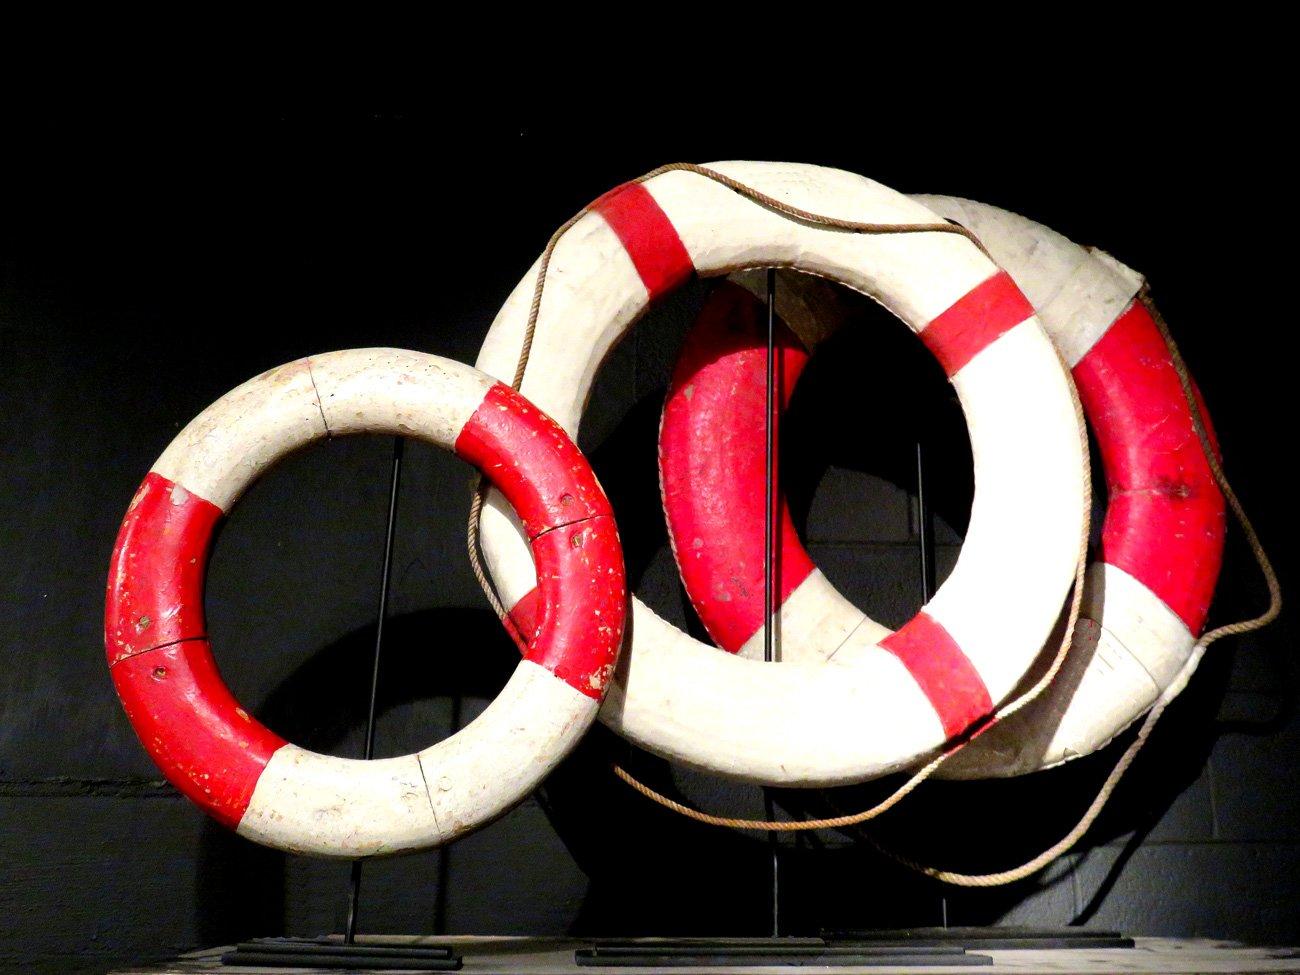 vintage floating life preserver